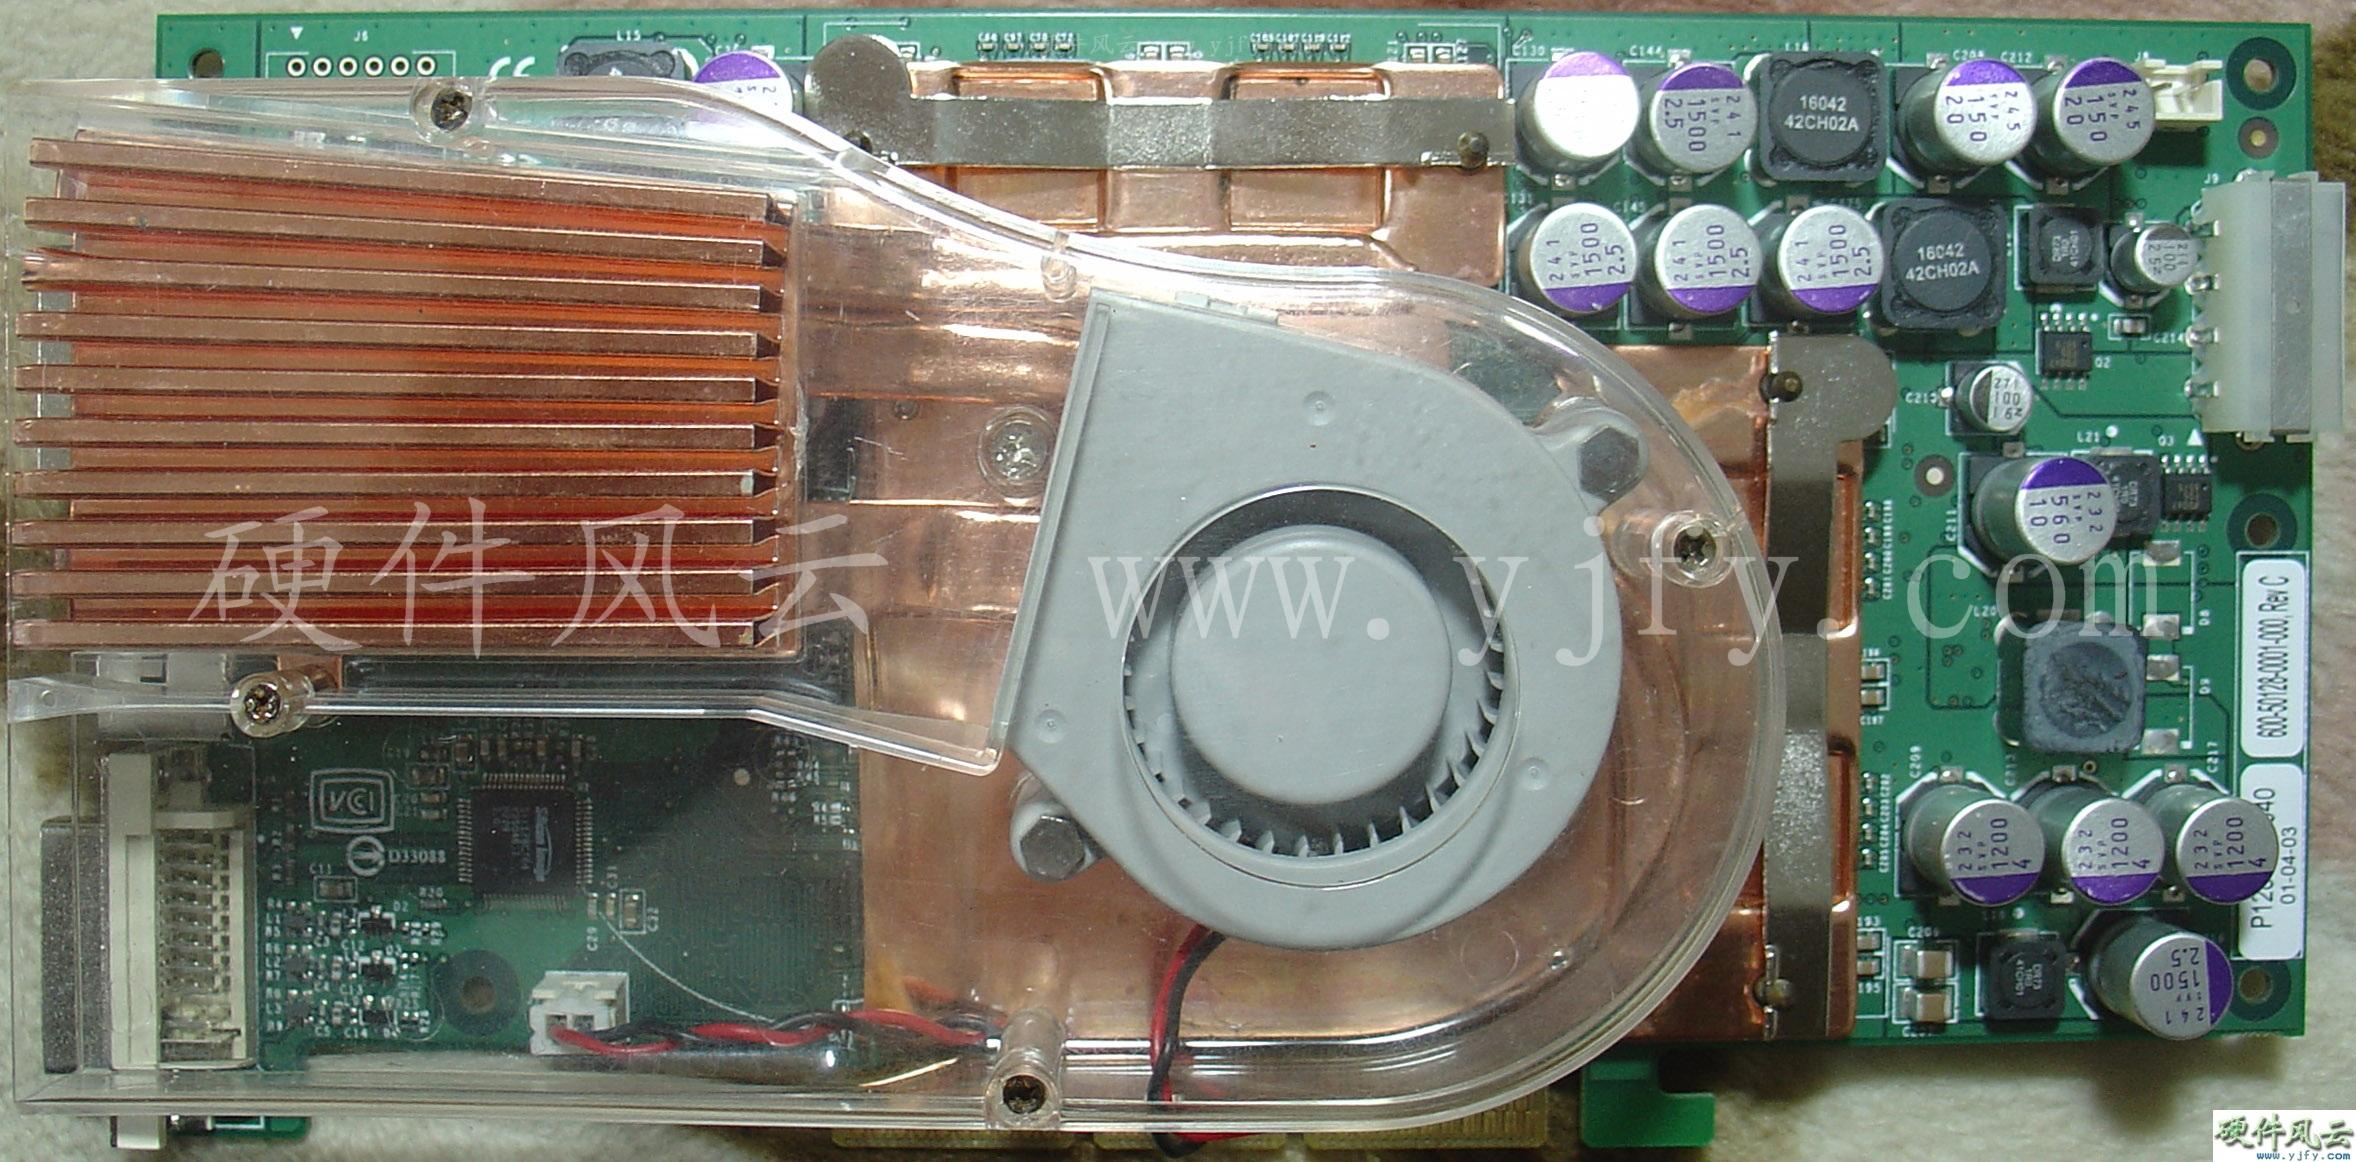 P126-A00-040_FX2000-A2X-ES_2.jpg